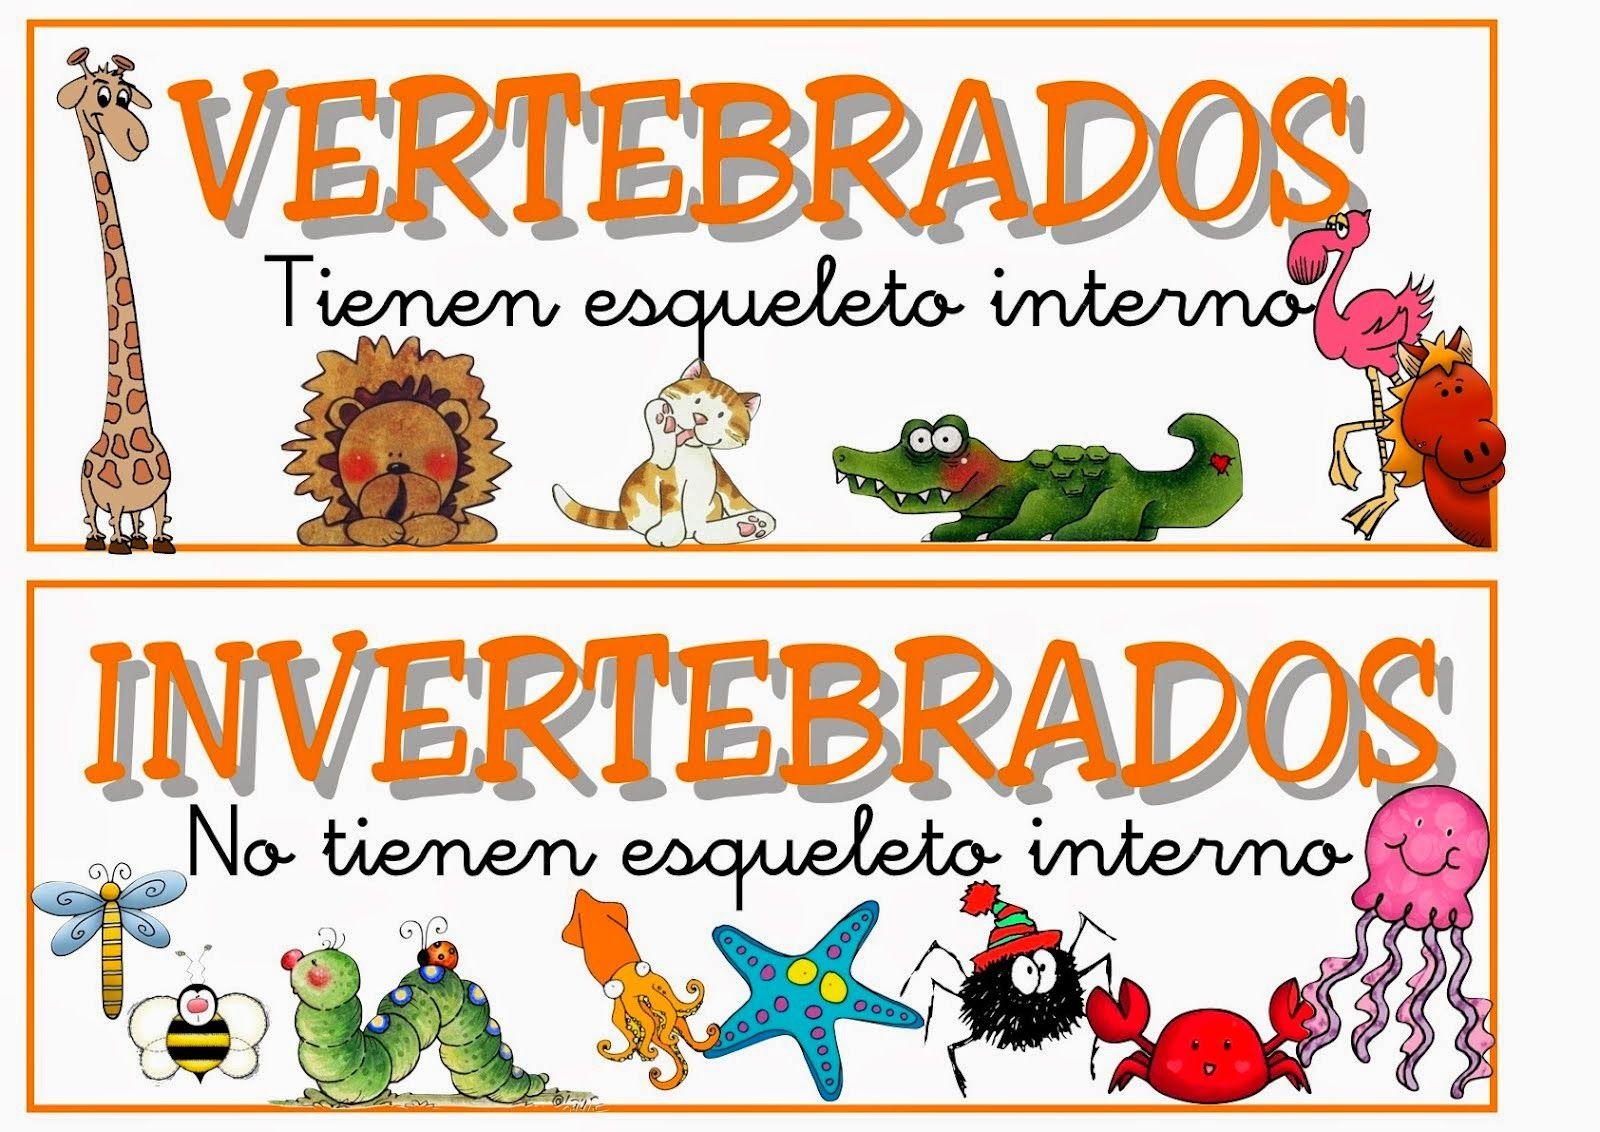 Vocabulario En Imágenes Maestra De Infantil Y Primaria Carteles Con La Clasificación De An Vertebrados E Invertebrados Clasificación De Animales Vertebrados